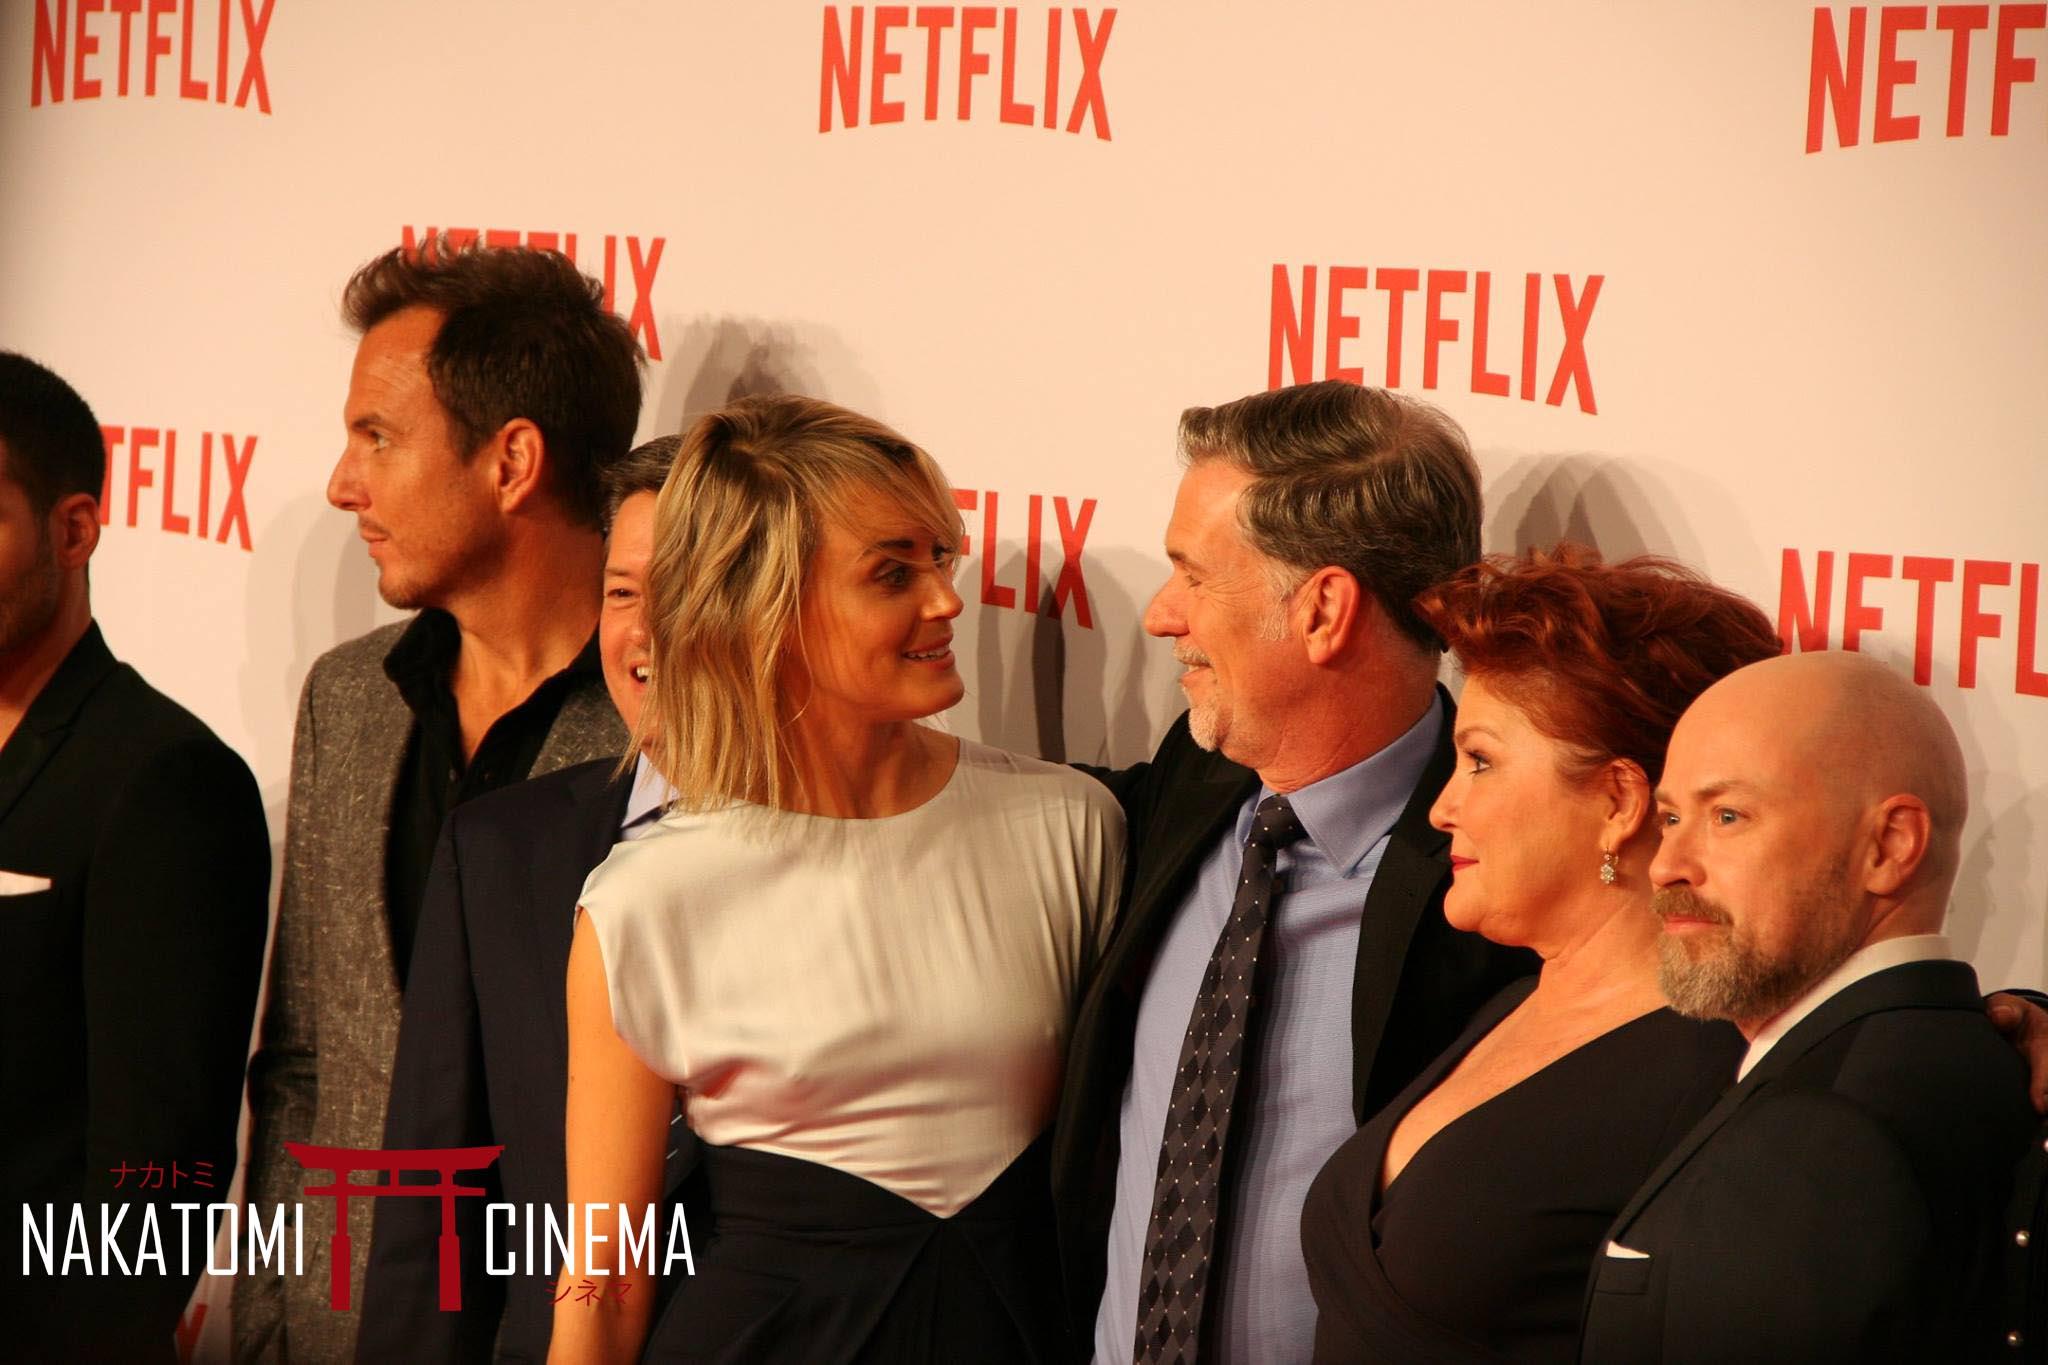 Netflix 9